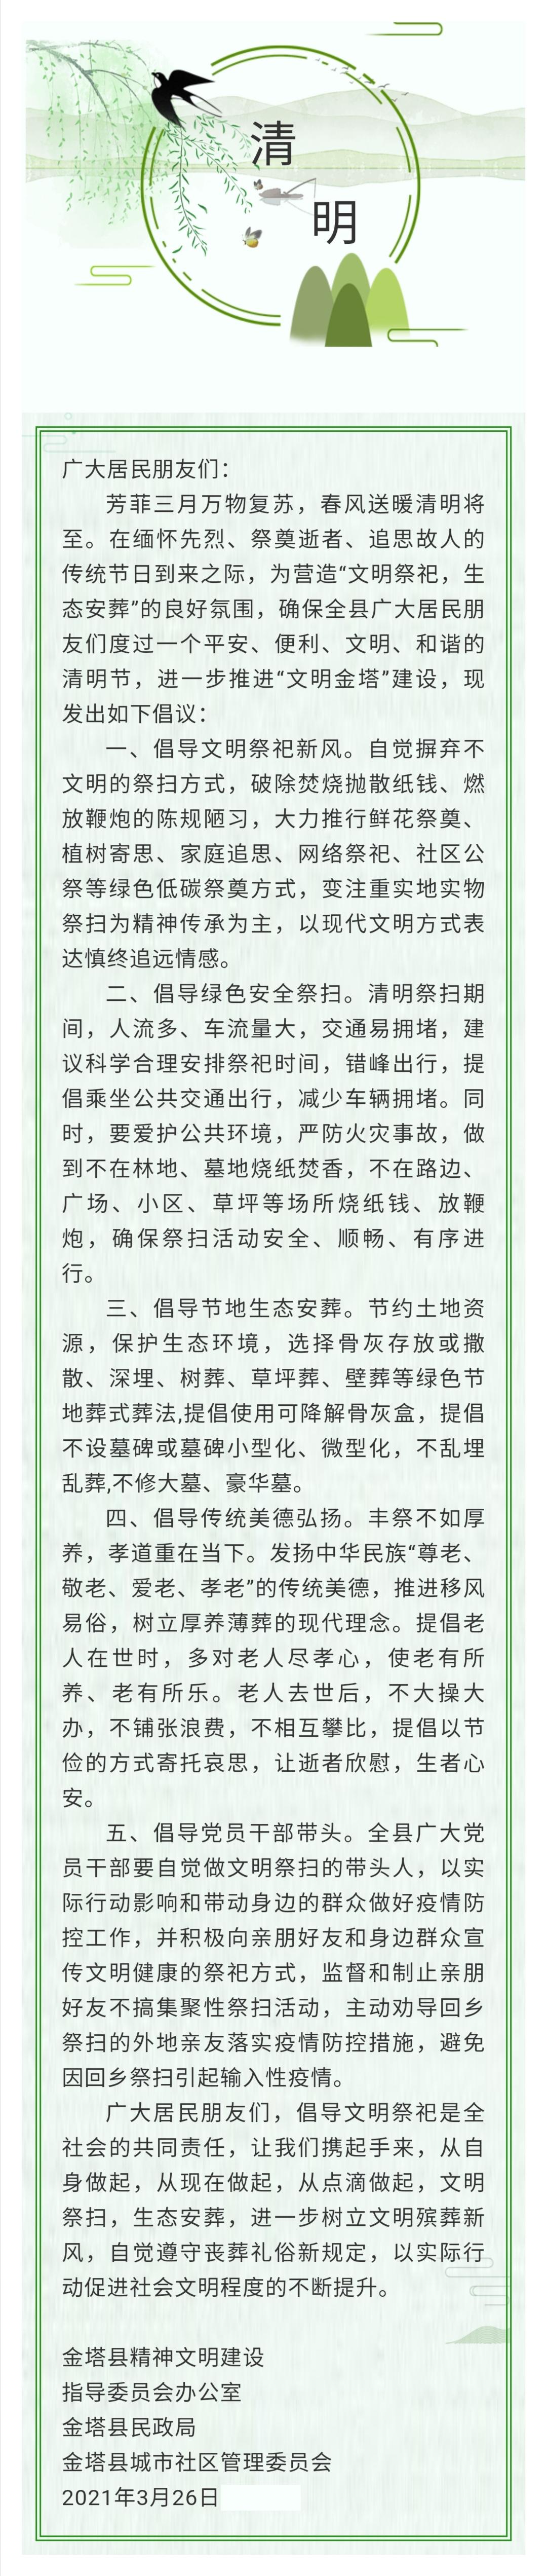 """金塔县街道社区 """"四举措""""做好清明节文明祭祀相关工作"""